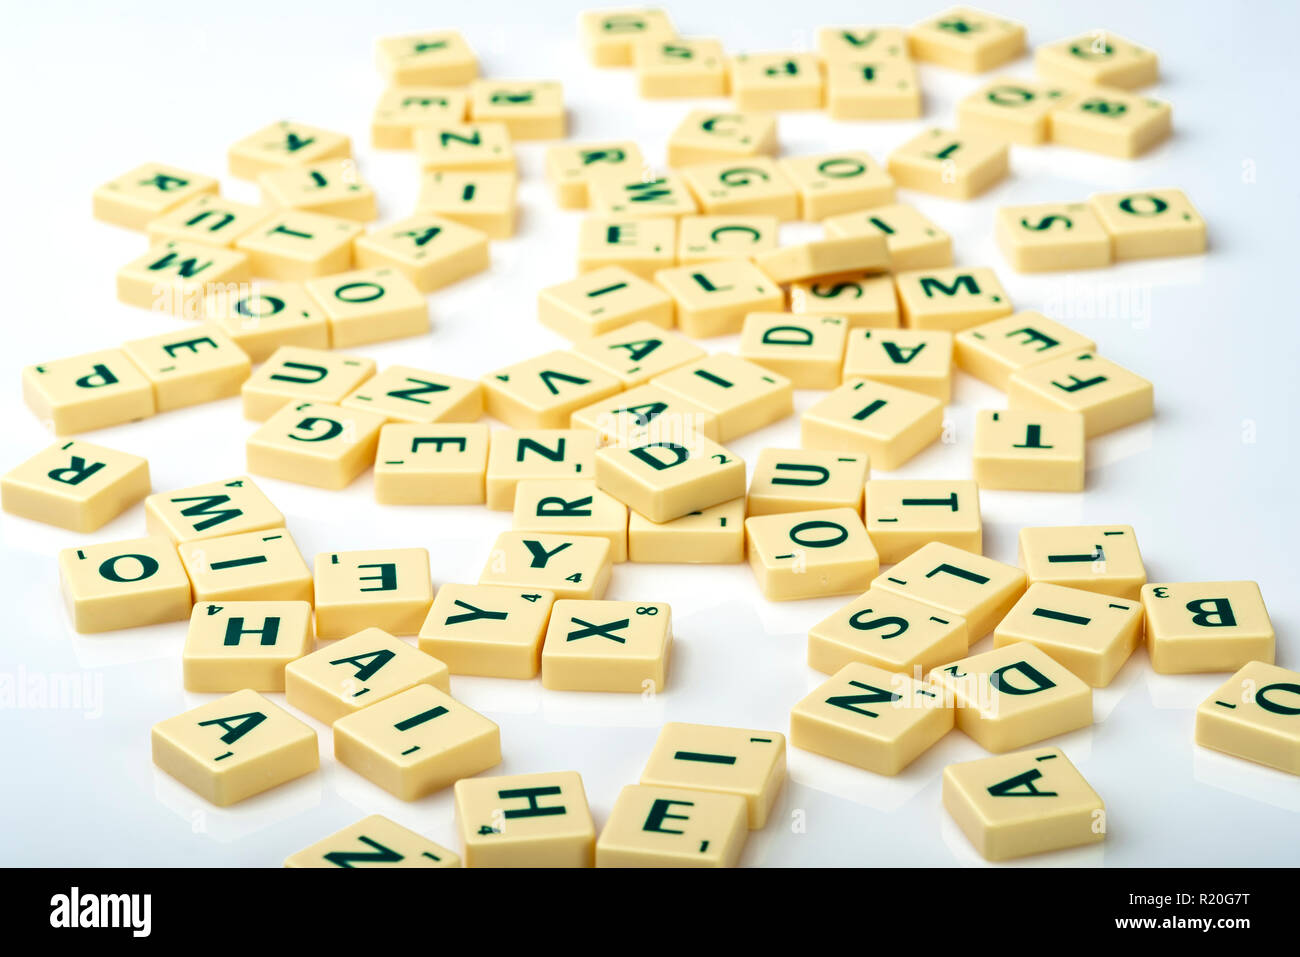 Piastrelle Scrabble buttato giù in un casuale caotica. Confusione, disorganizzato. Immagini Stock